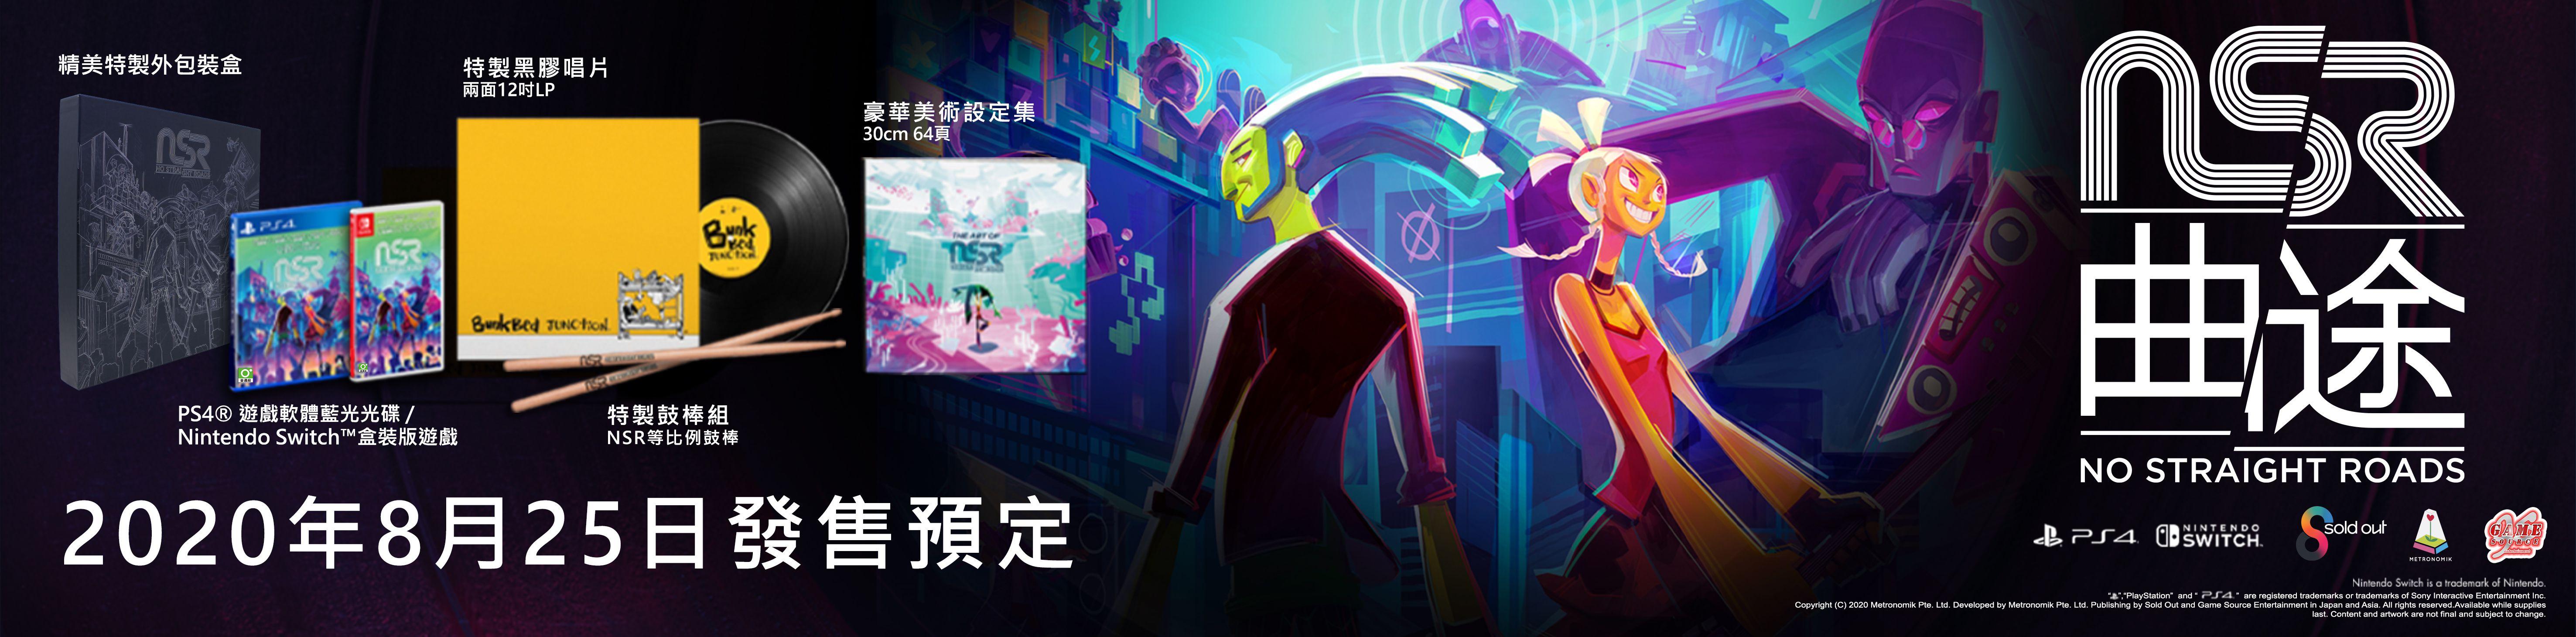 2020 GSE 7-8月主机中文化游戏巡礼